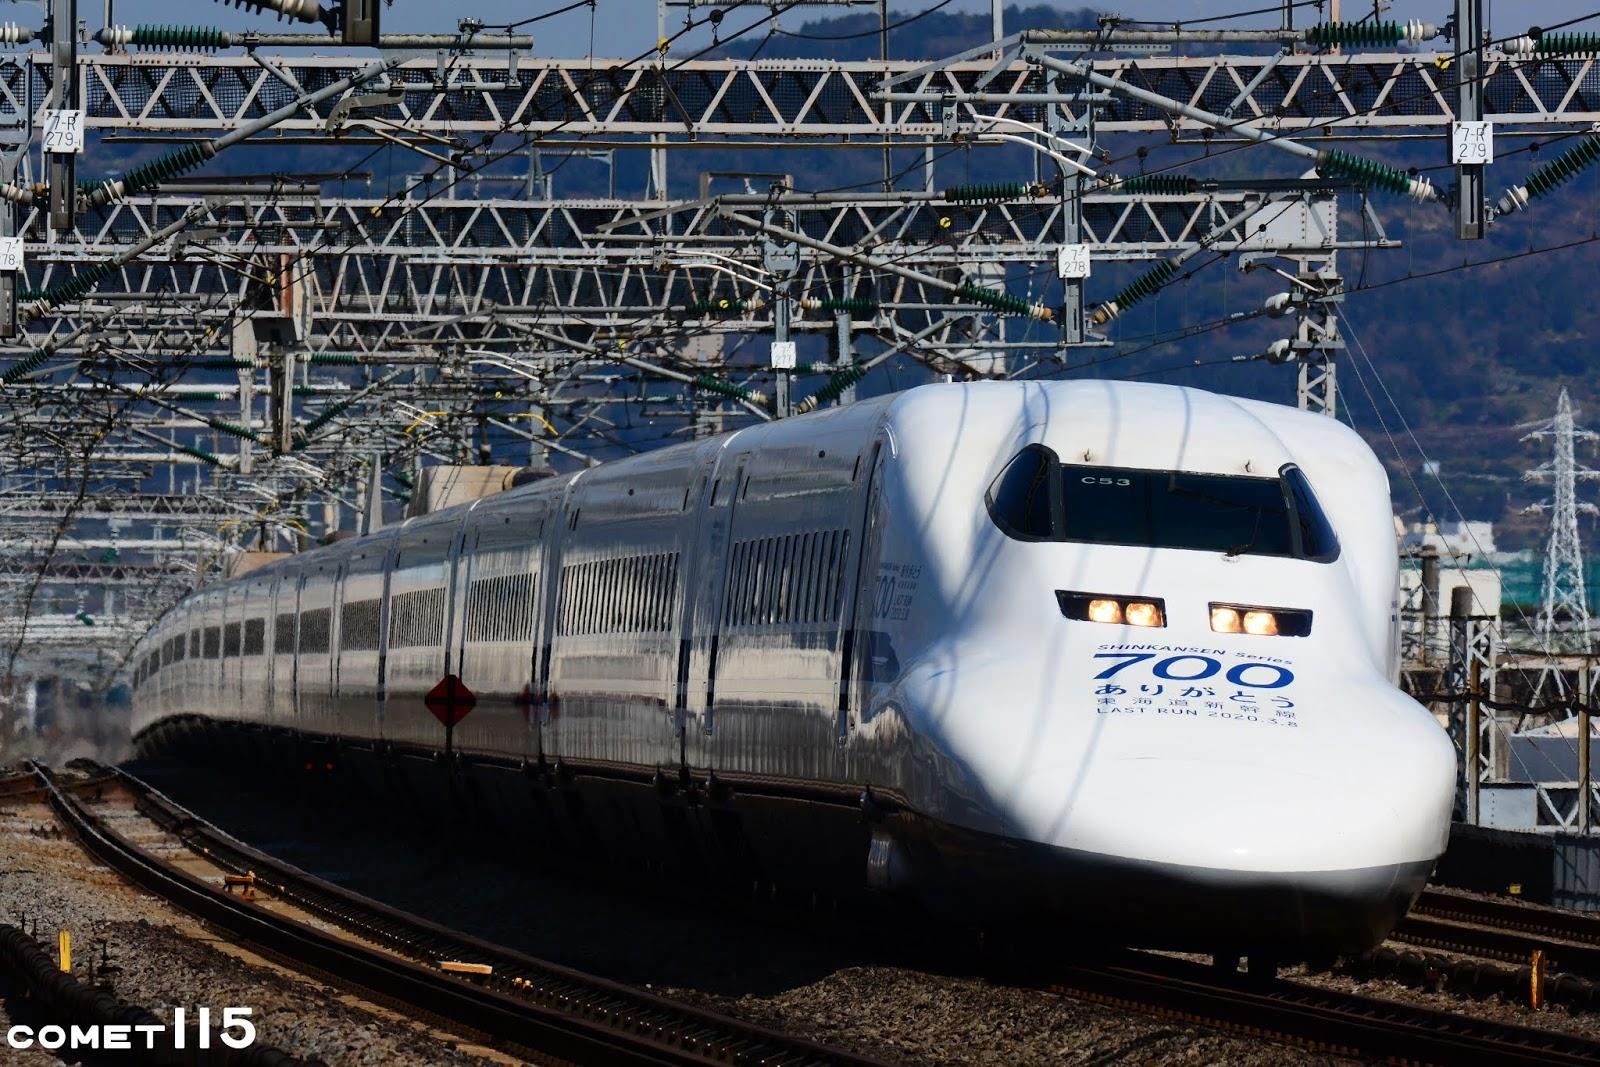 時光土場: 【告別時光】再見!東海道新幹線700系